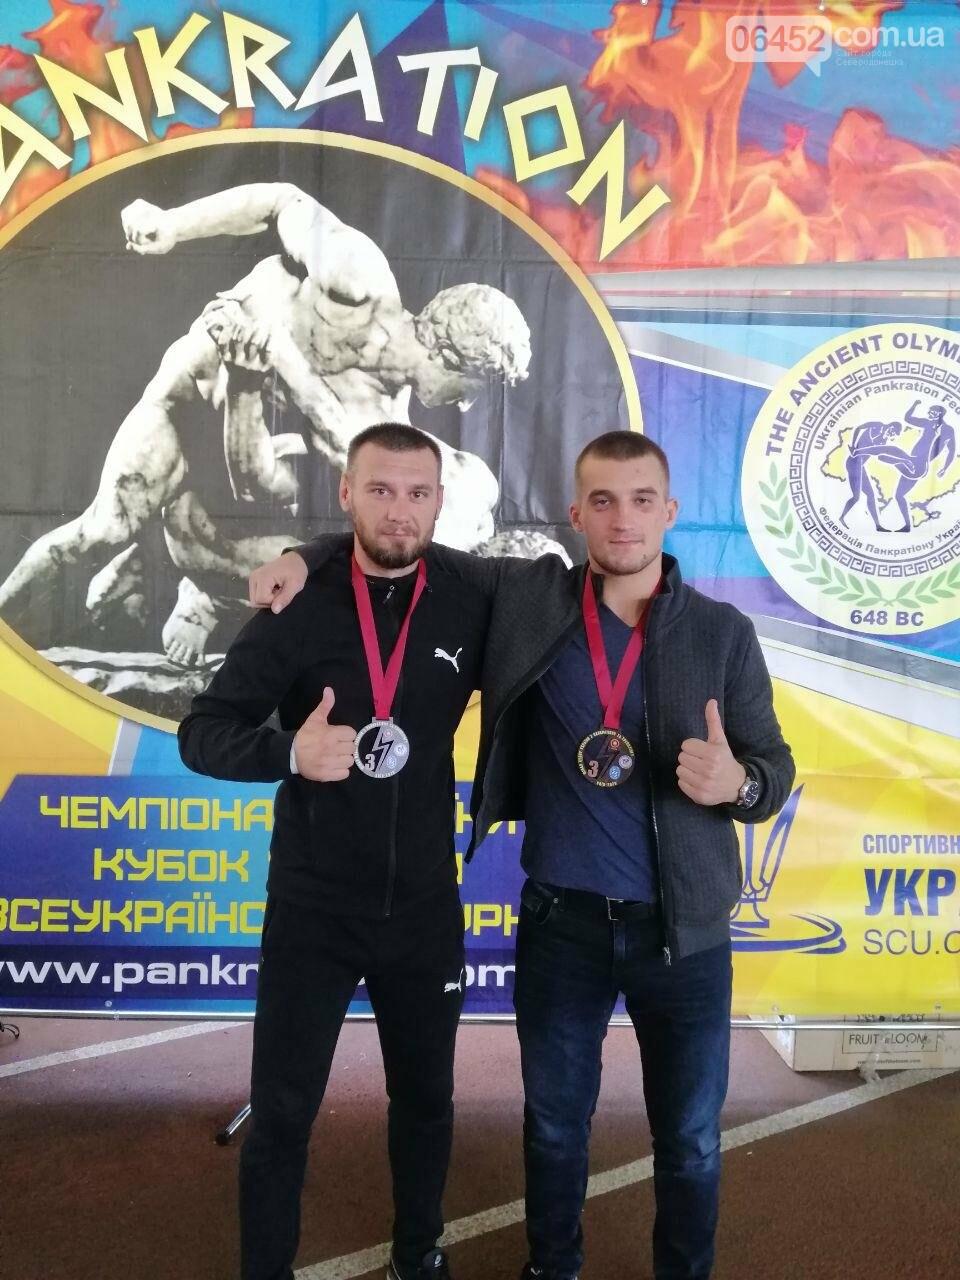 Северодончане завоевали 8 медалей на Чемпионате Украины по грэпплингу и панкратиону, фото-2